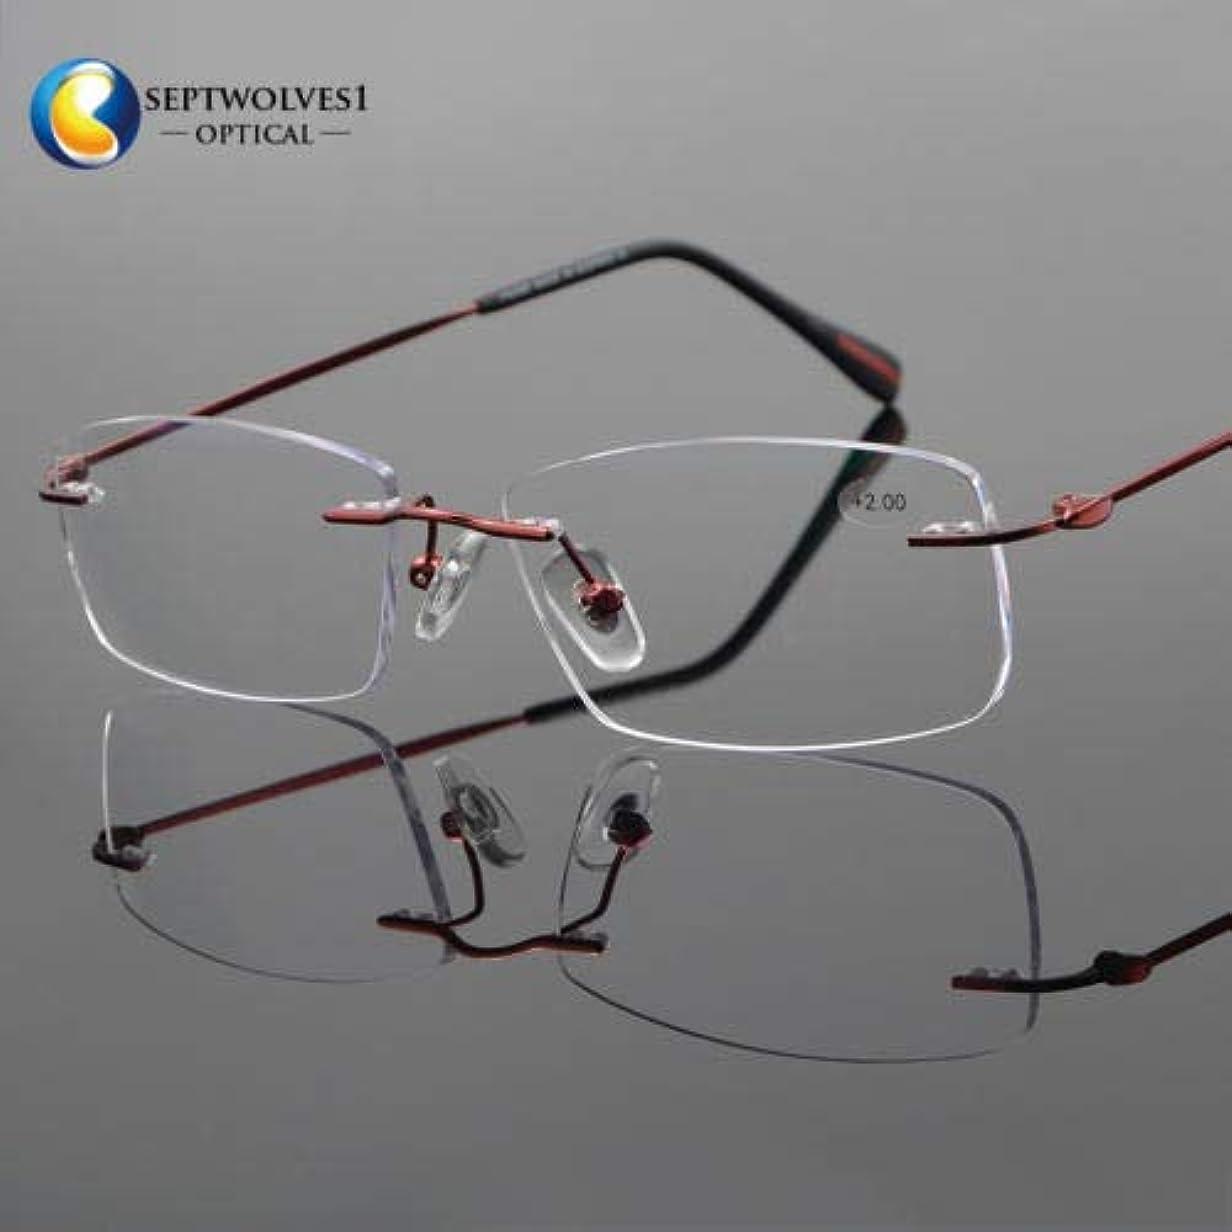 押す船上行政FidgetGear 新しいβチタン縁なし老眼鏡UV400コーティングレンズリーダー+0.00?+ 5.00 赤